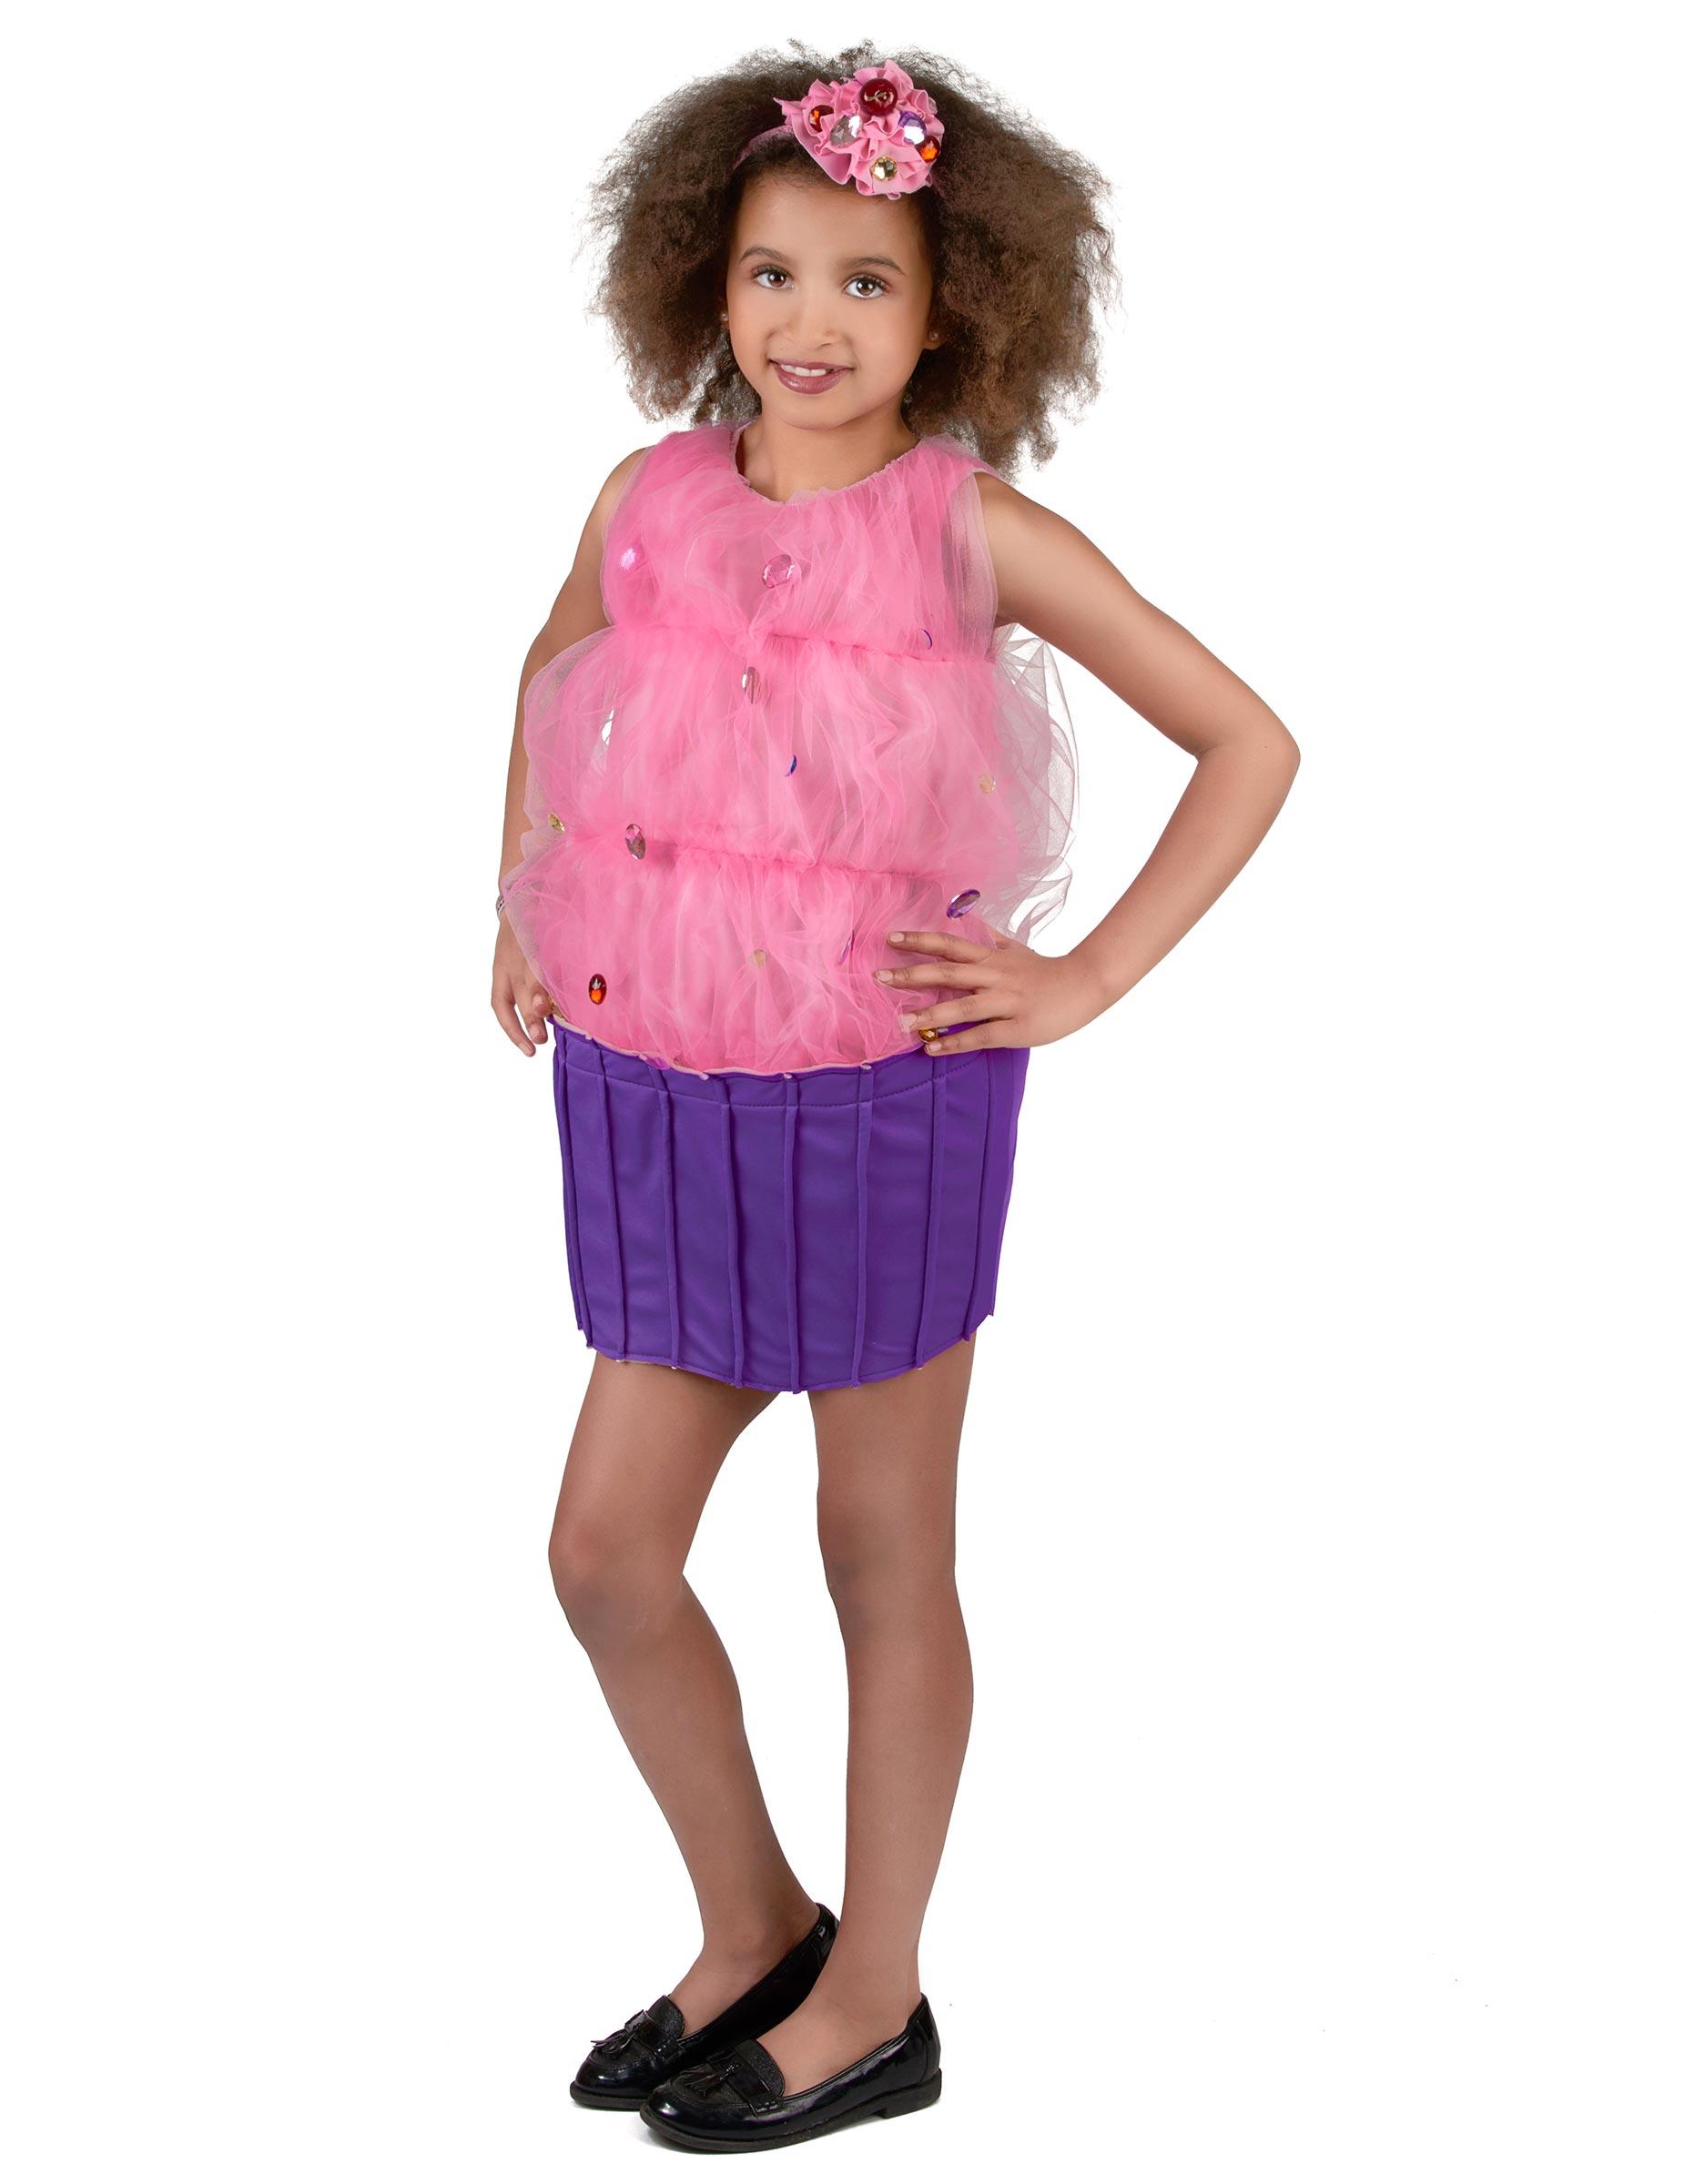 Traje de pastel cupcake niña: Disfraces niños,y disfraces originales ...